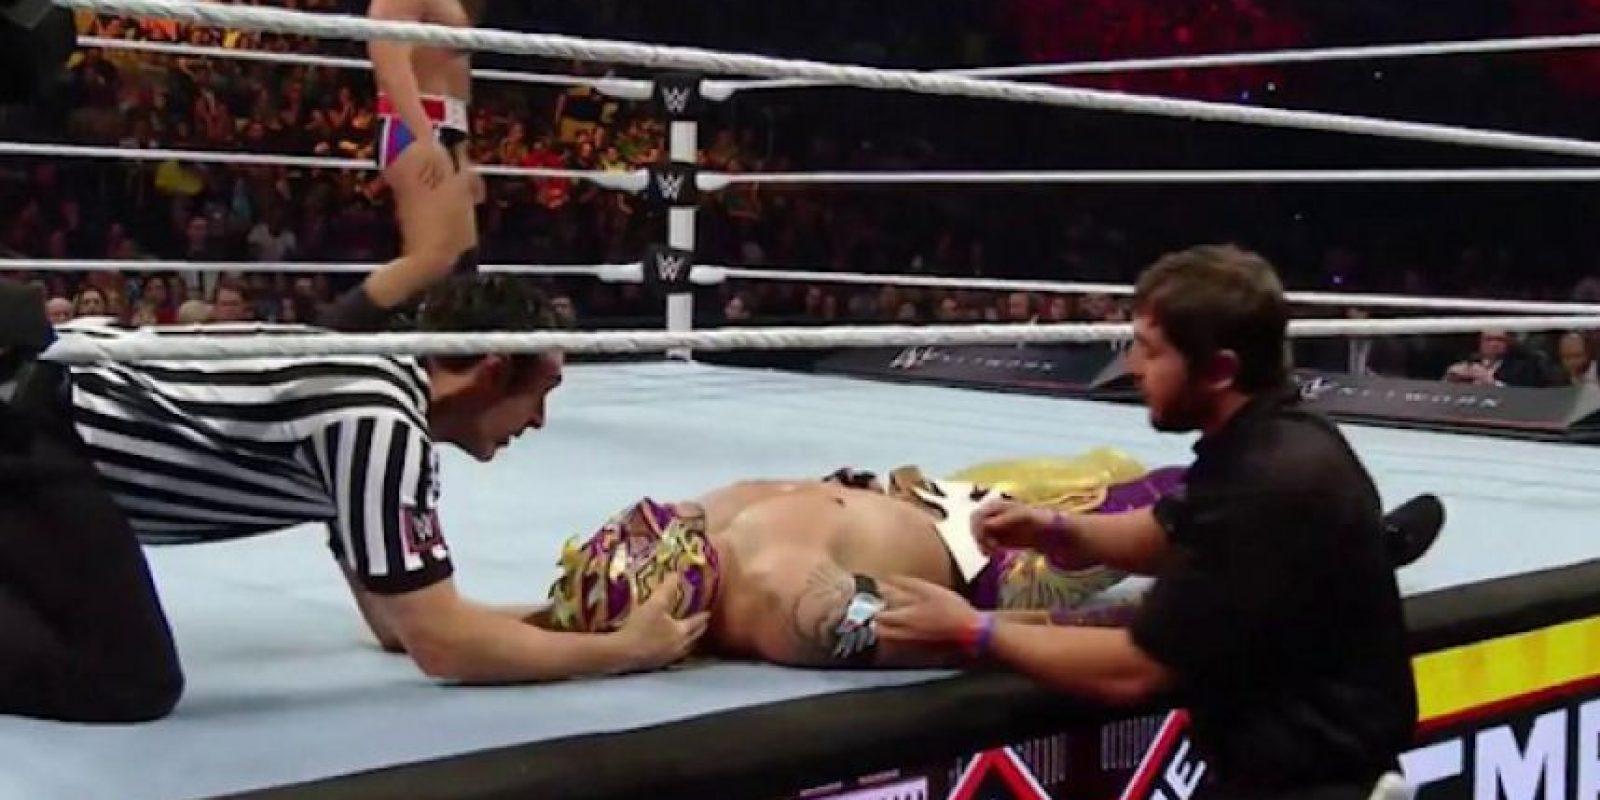 El luchador mexicano tuvo que ser atendido luego de perder el combate. Foto:Twitter